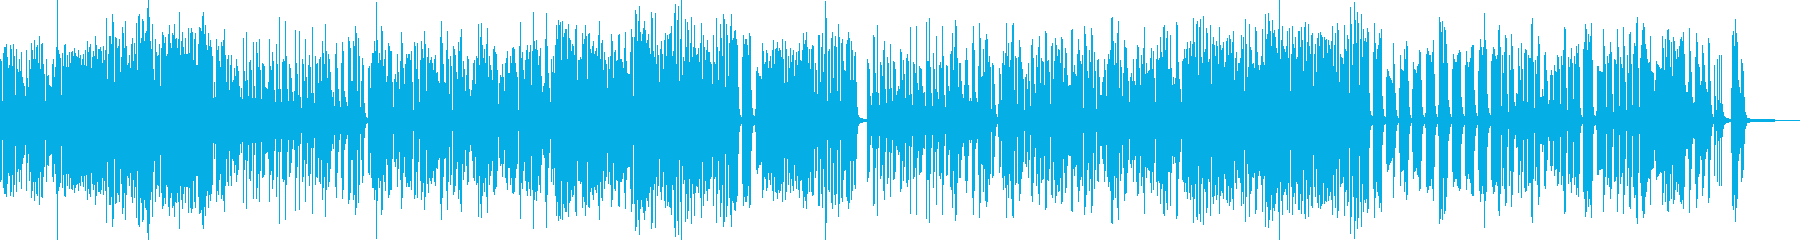 トランペット・元気溢れるマーチ・打楽器無の再生済みの波形